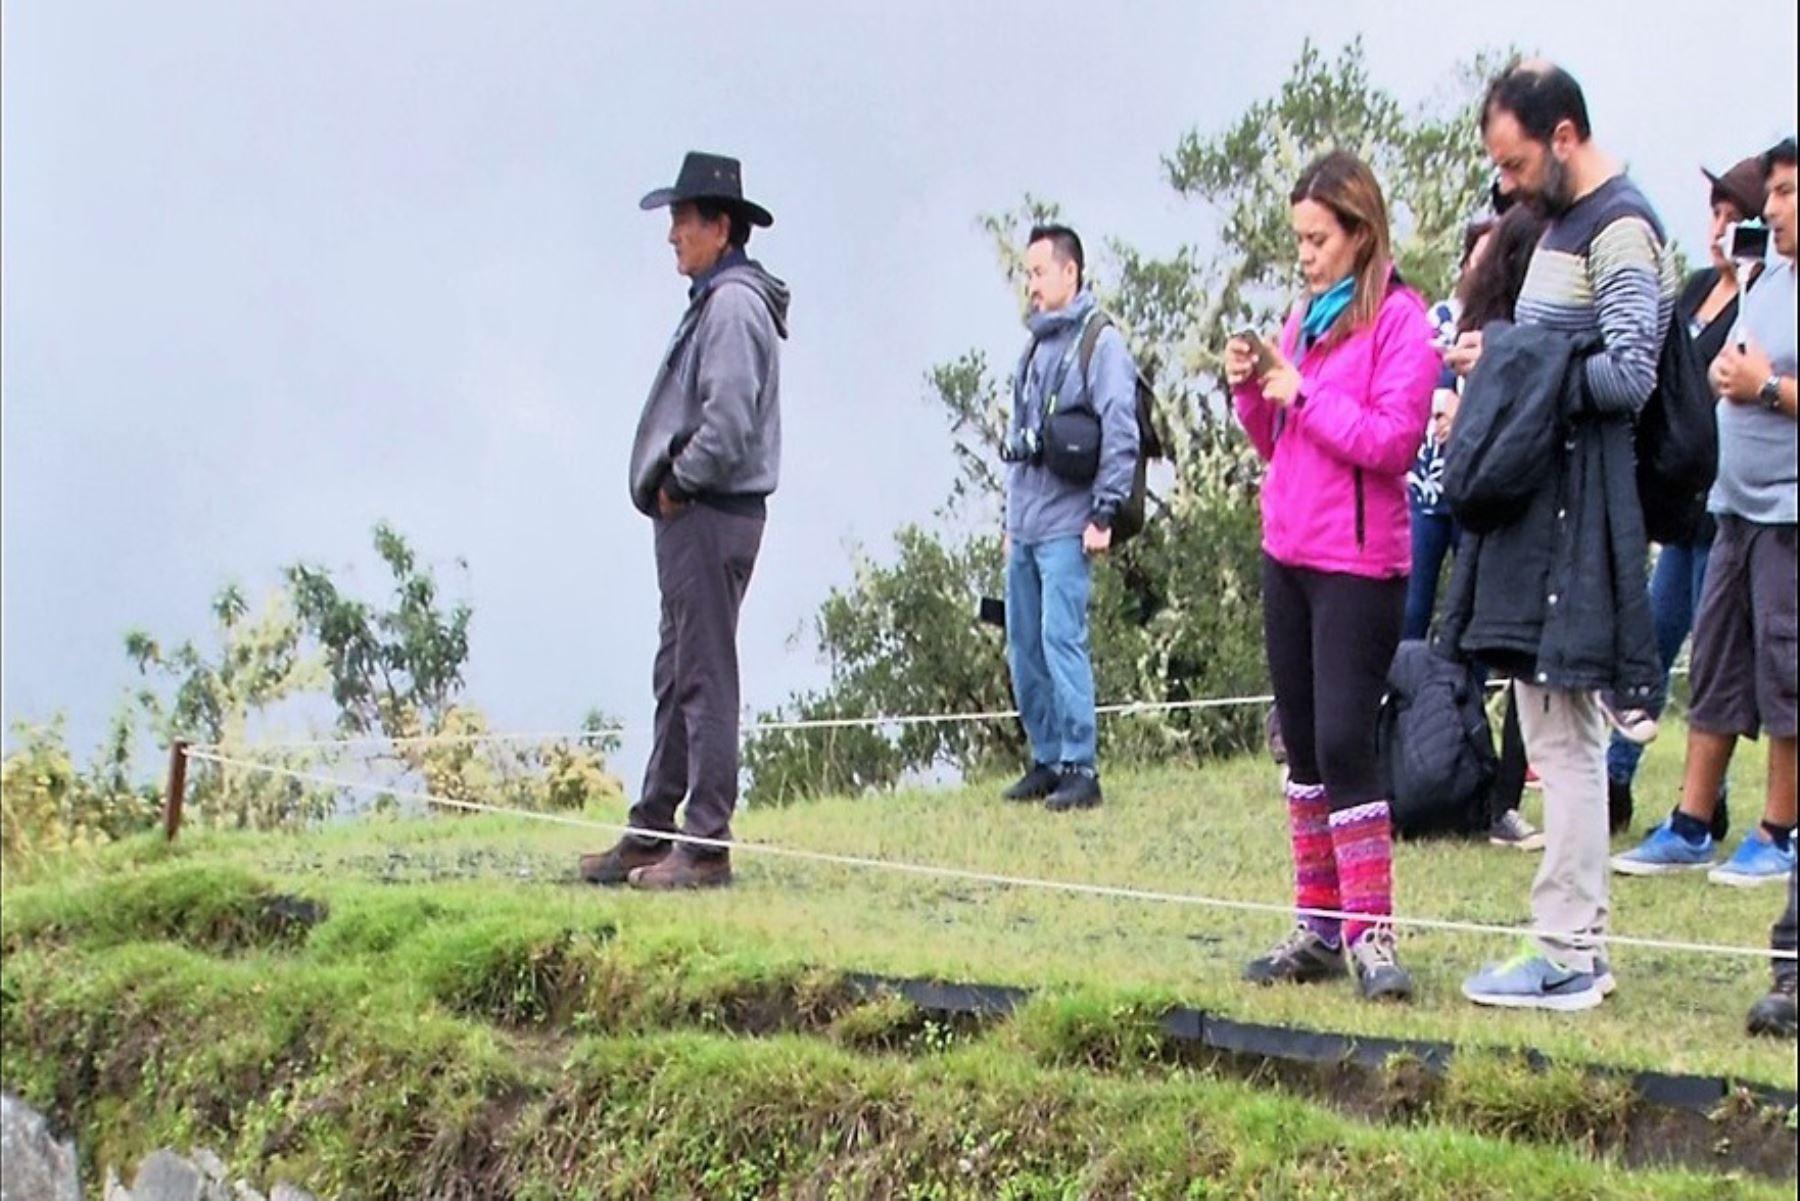 Con pisos especiales reducen el impacto de lluvias en Machu Picchu. ANDINA